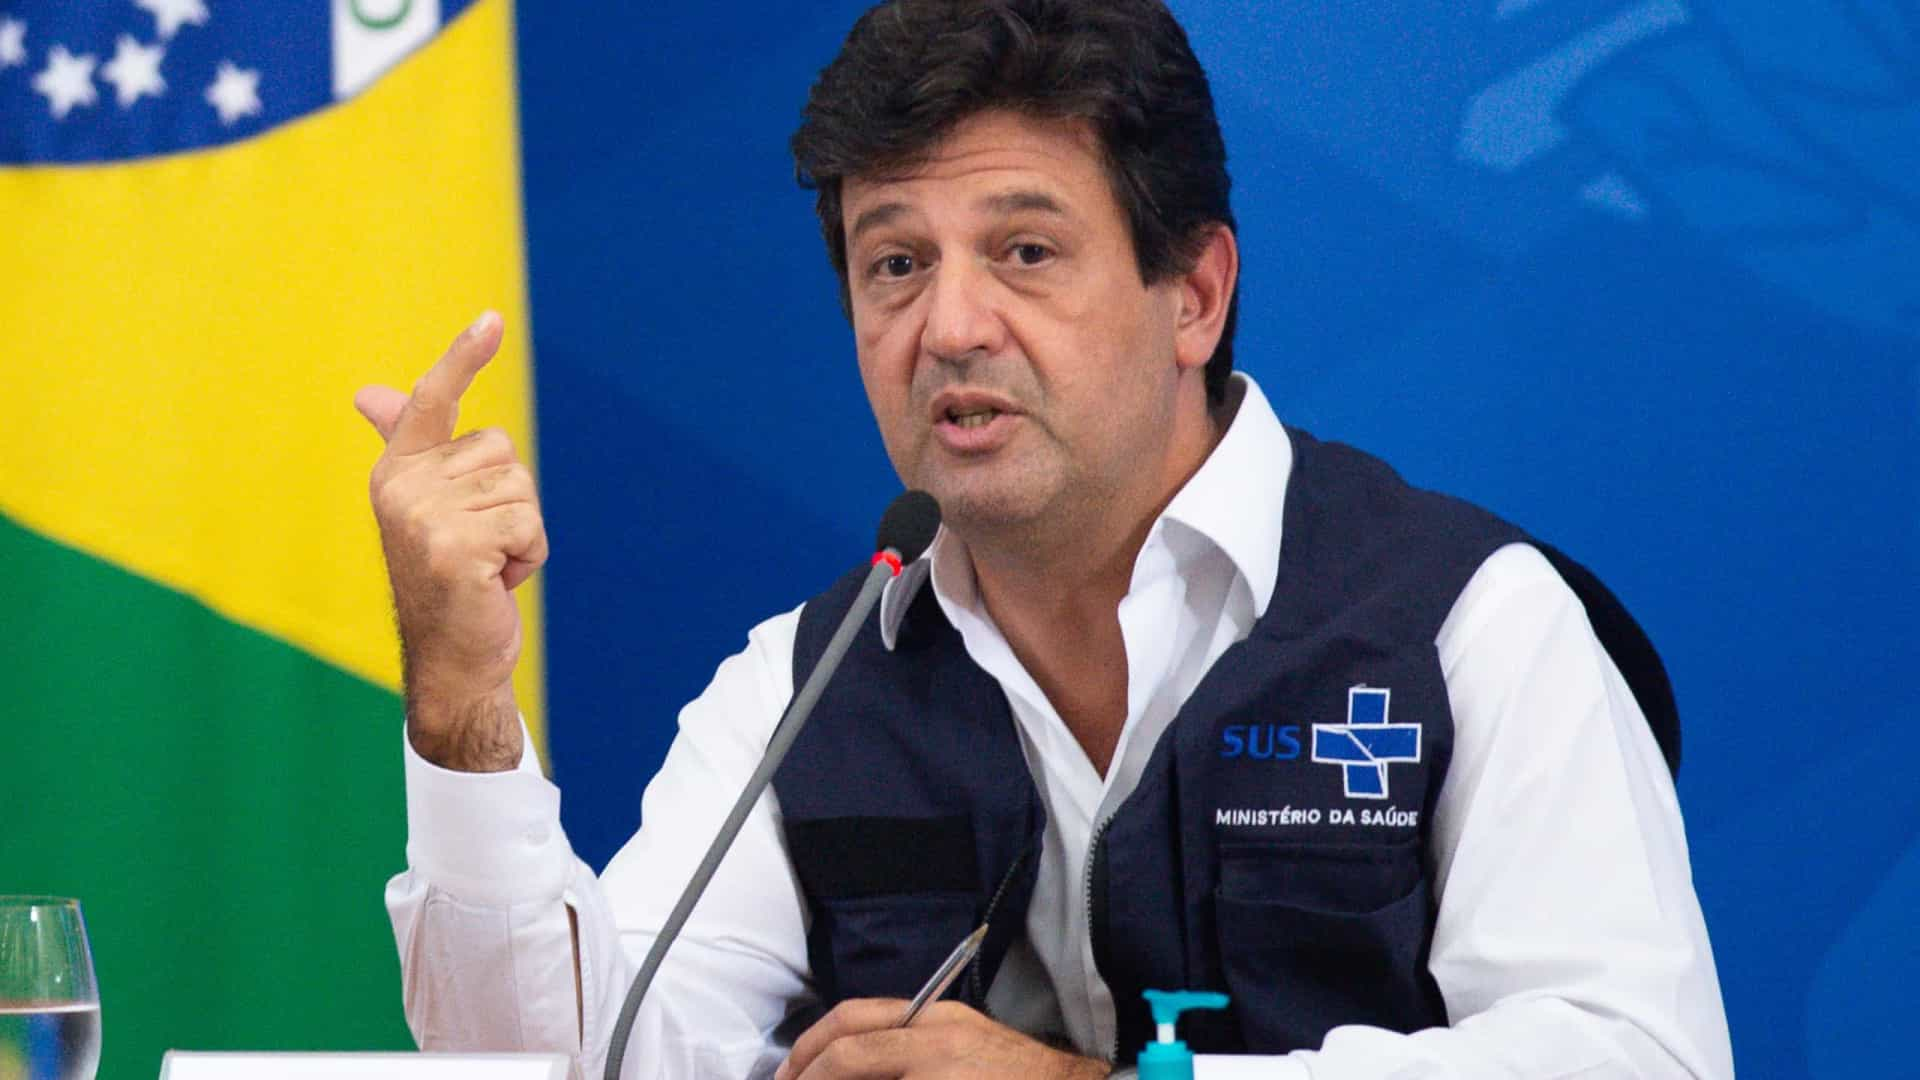 Ex-ministros Mandetta e Teich iniciam hoje depoimentos da CPI da Covid-19